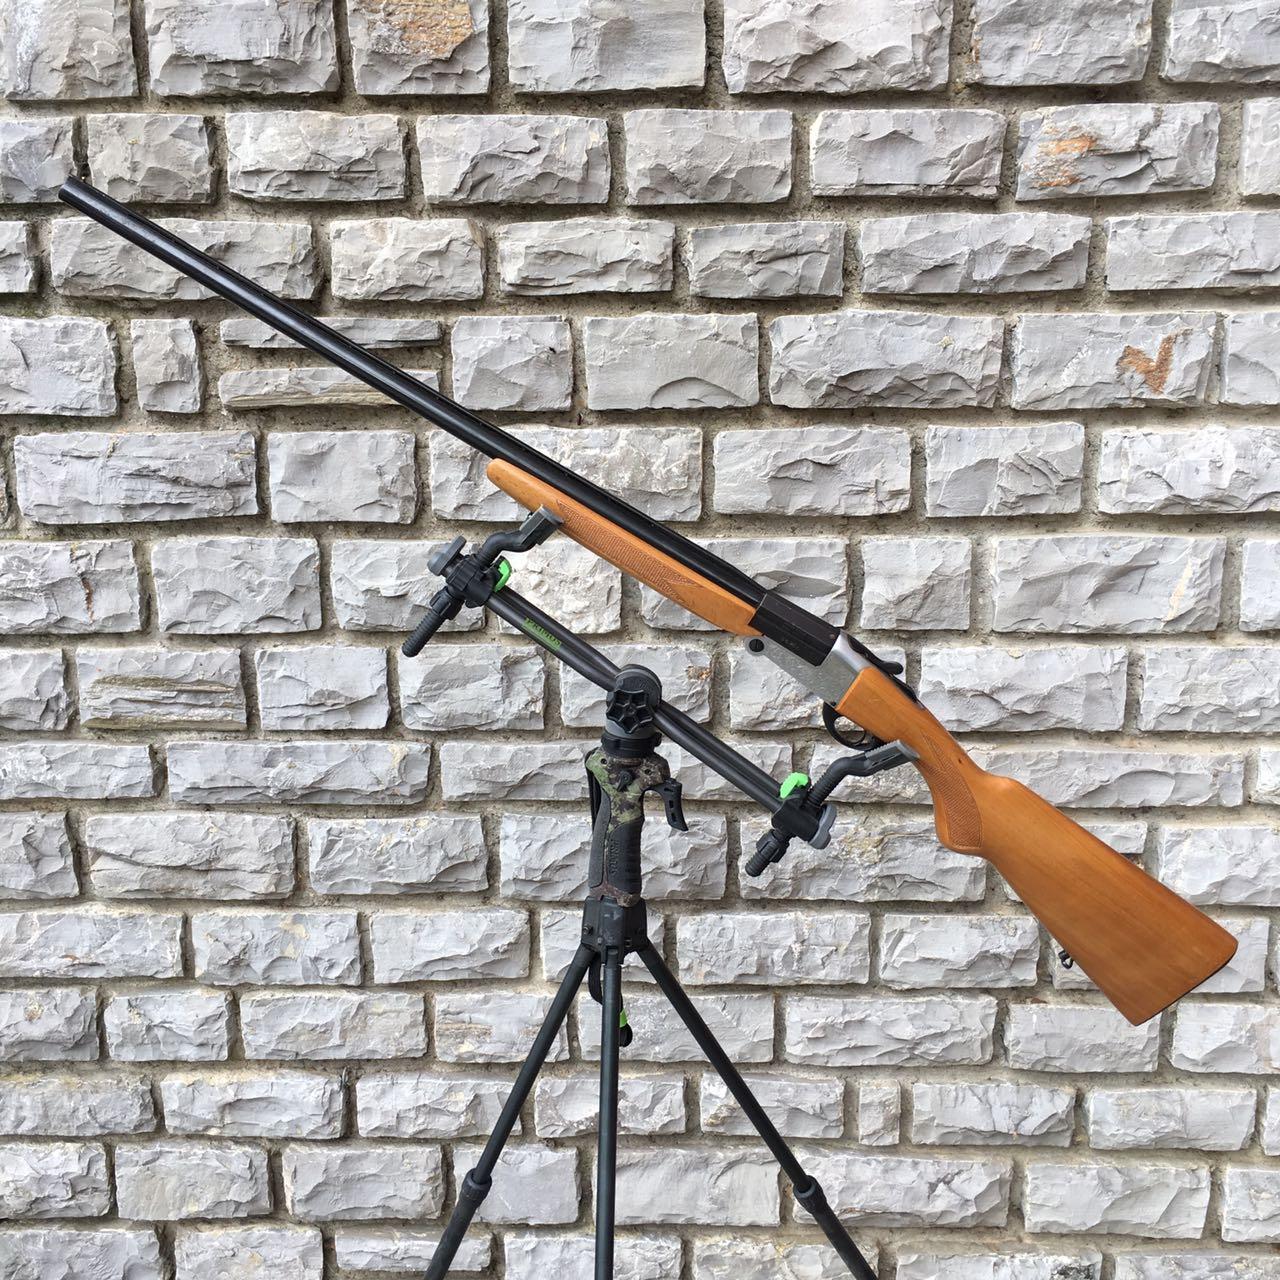 Fucile artigianale acciaio vickers con canna cromata Calibro 24